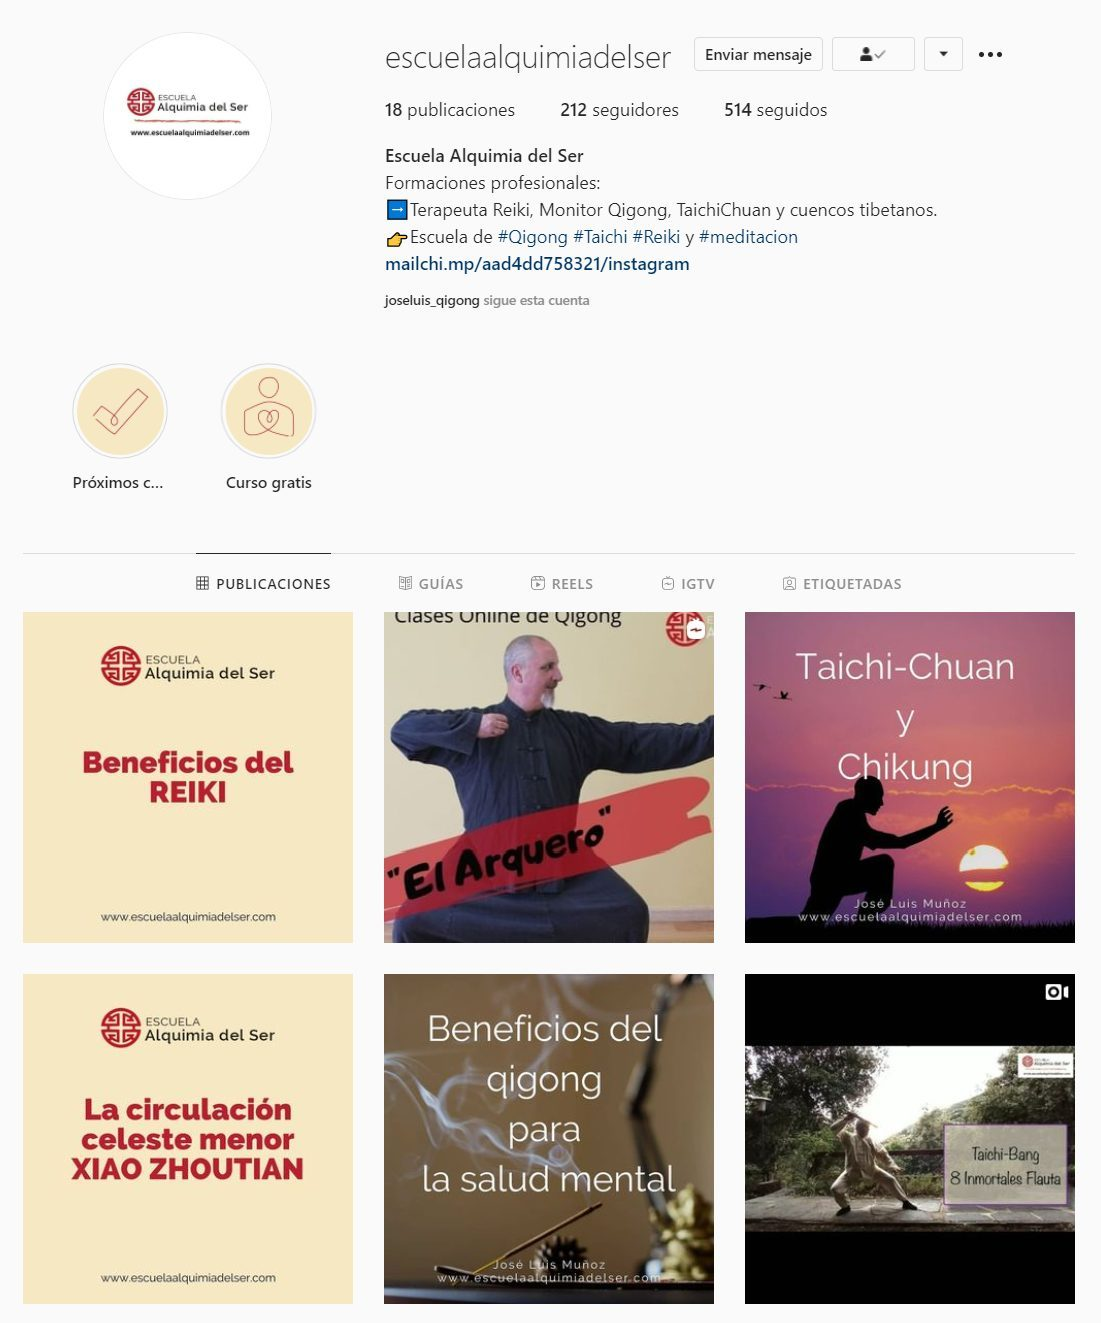 Escuela-Alquimia-del-Ser-portfolio-paulapmartin